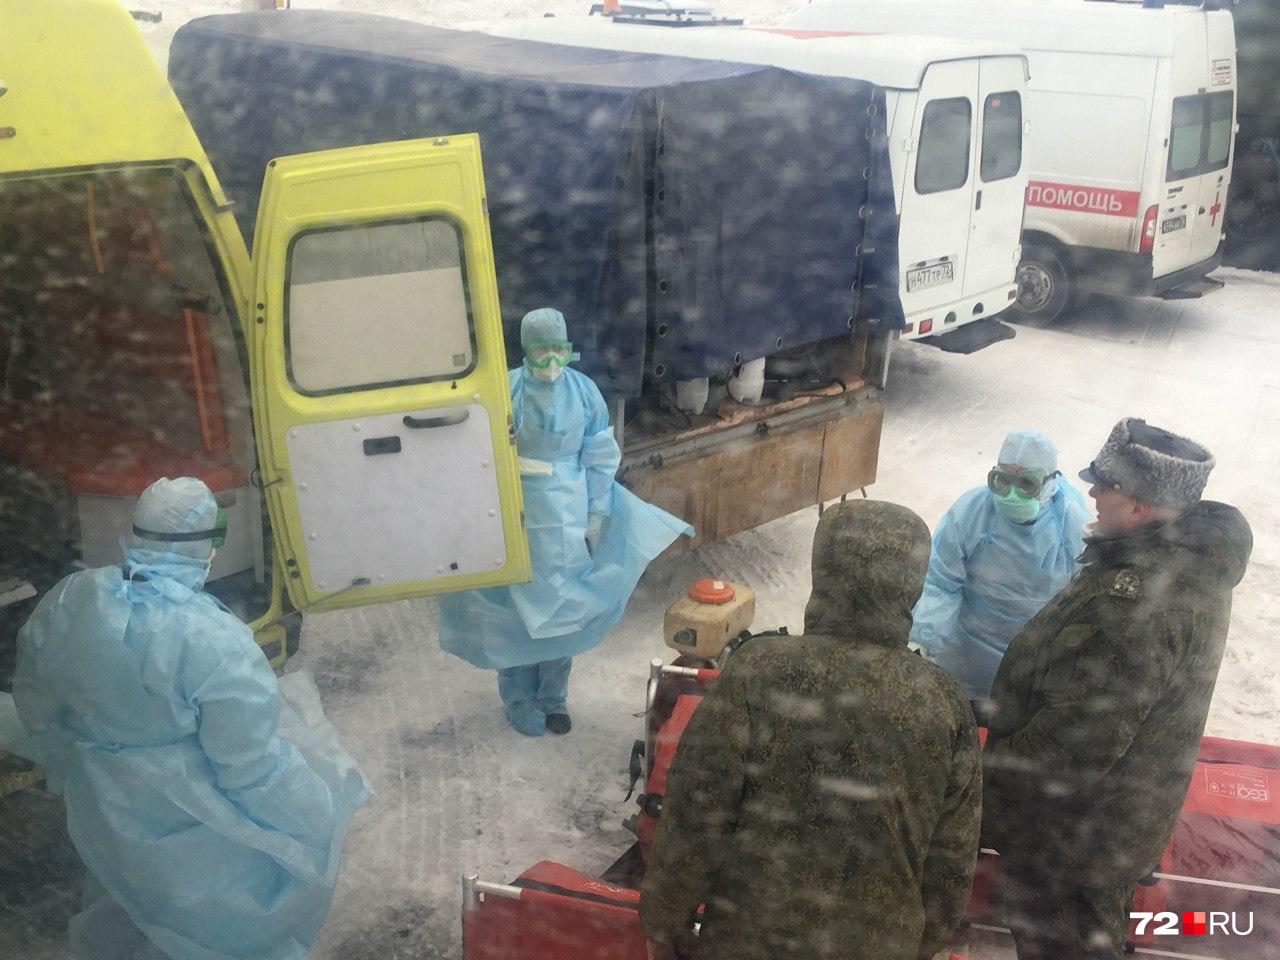 По словам главного санитарного врача России Анны Поповой, все специалисты готовятся встретить пассажиров в должном обмундировании